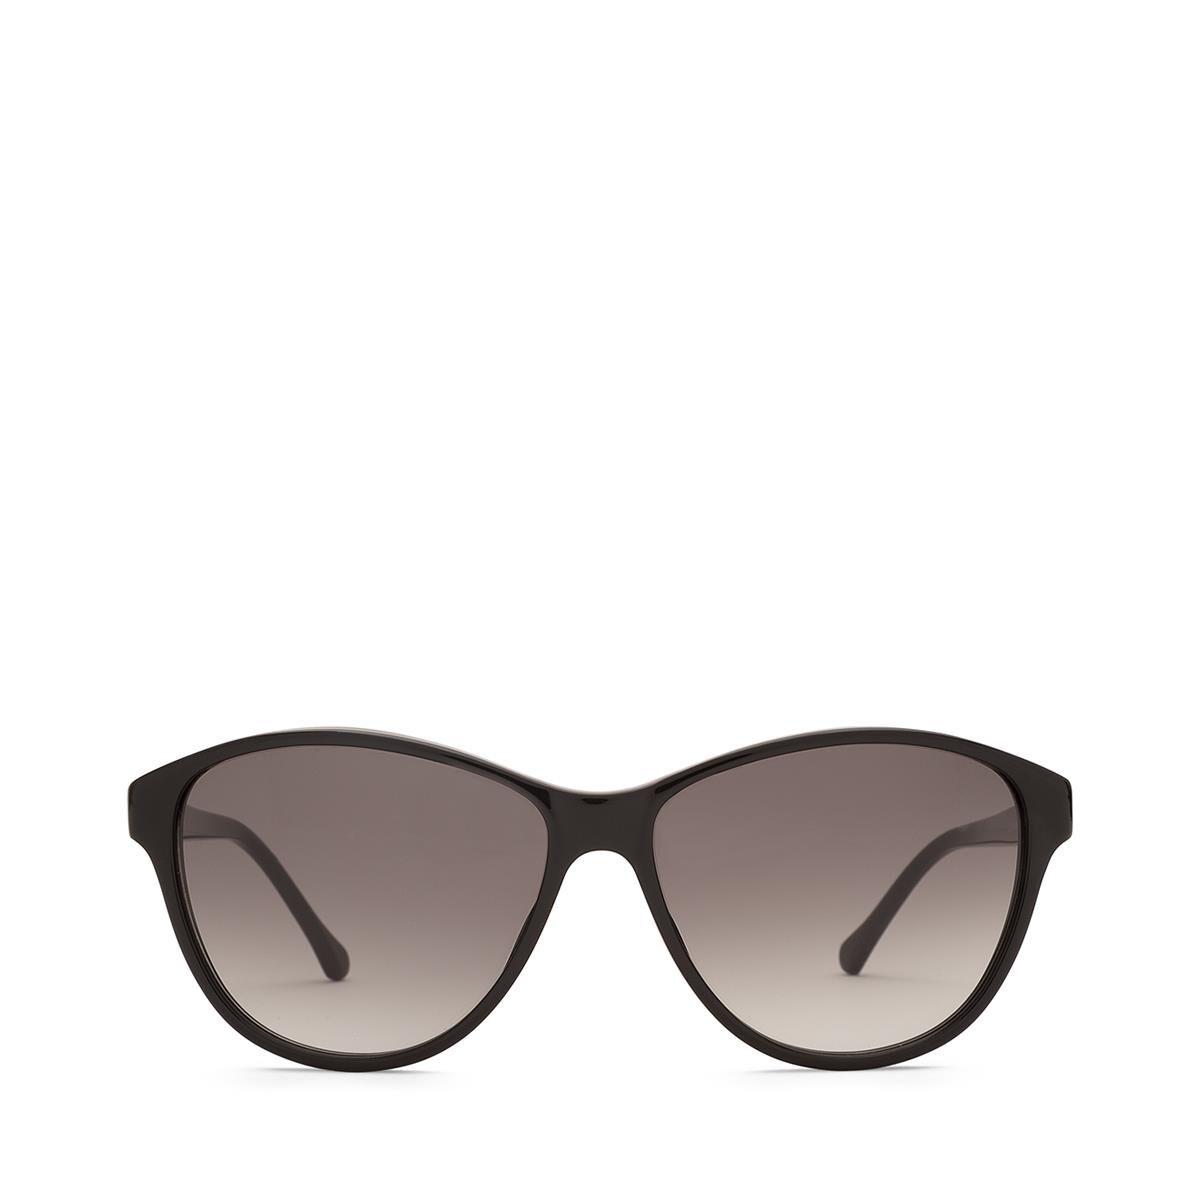 f031780d295 SLW931-1100 LOEWE Etna Sunglasses Black all